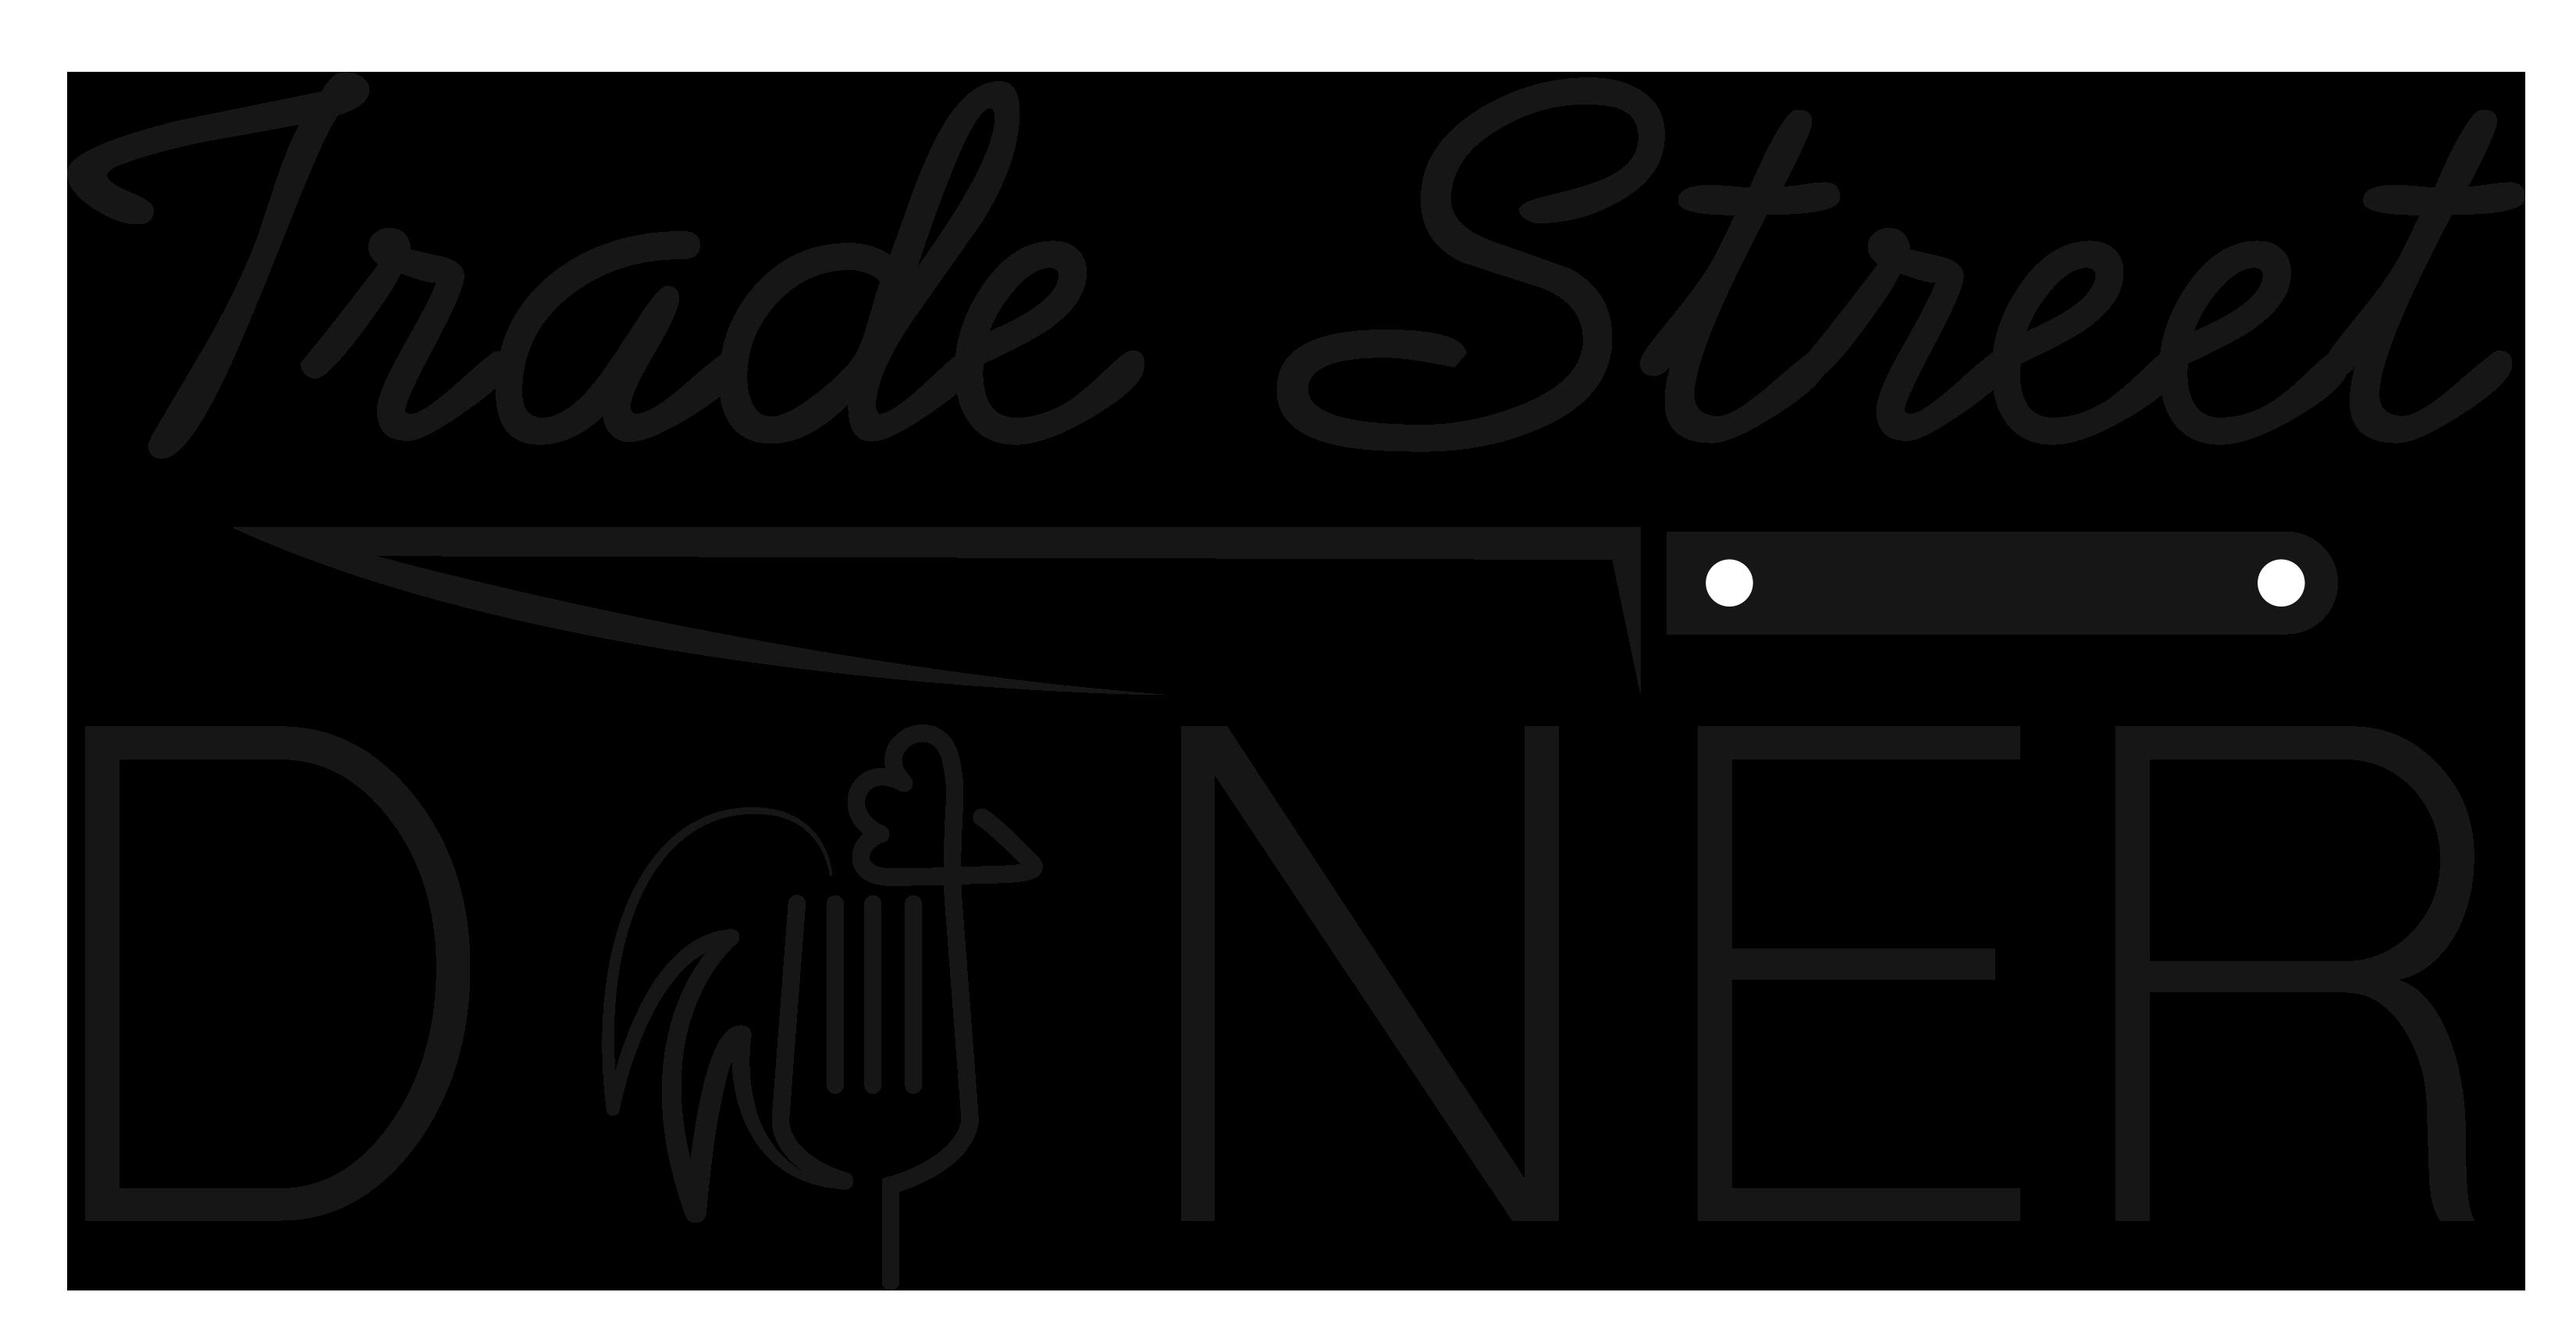 Trade St. Diner